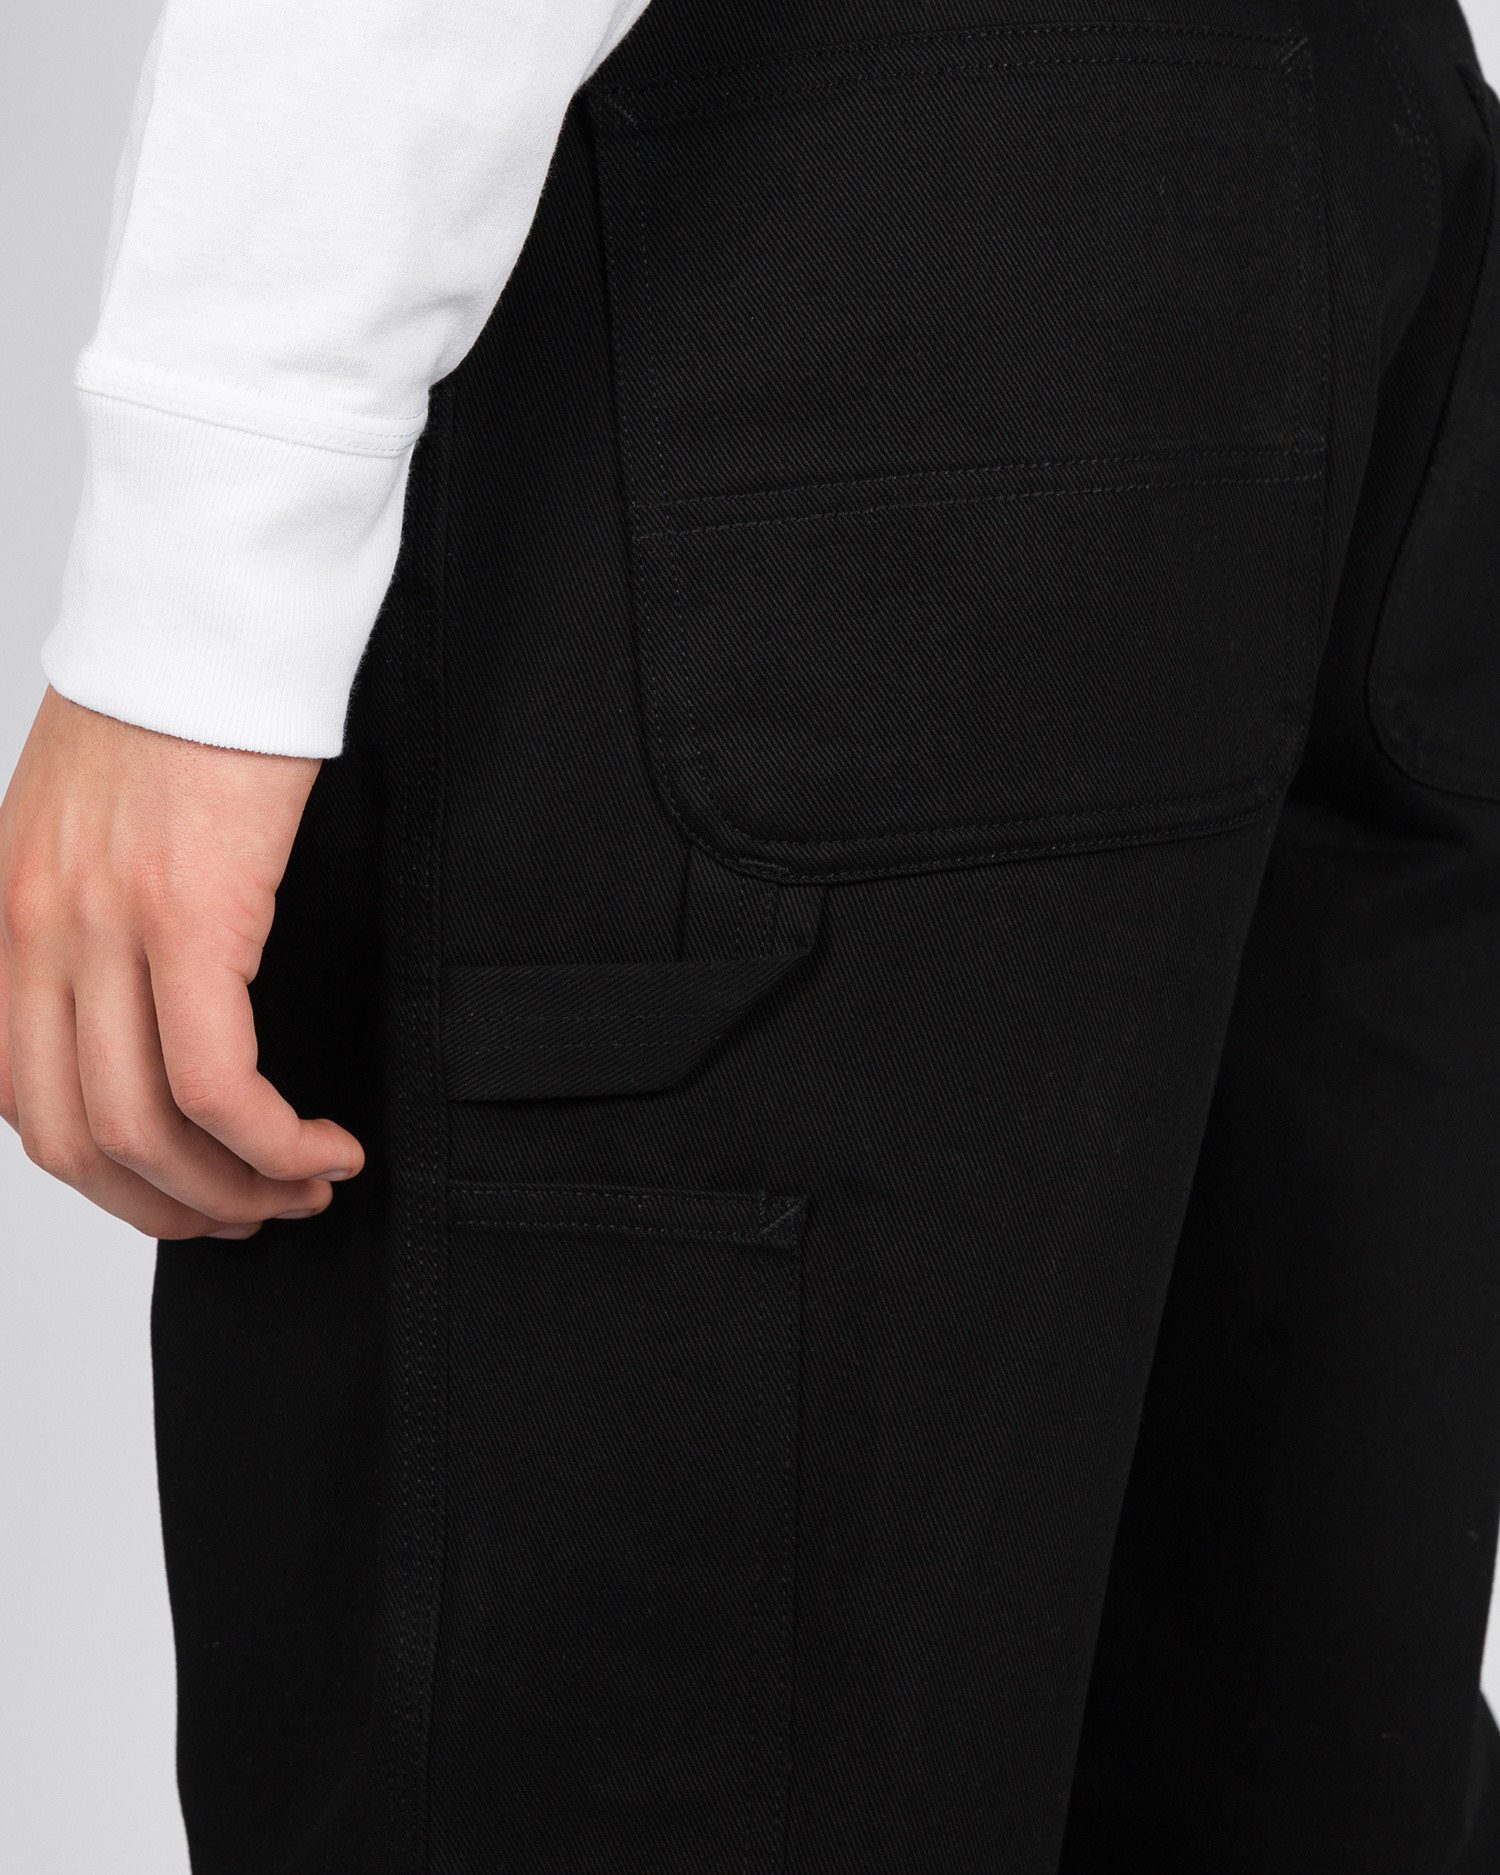 Carhartt Single Knee Pant Black Rigid